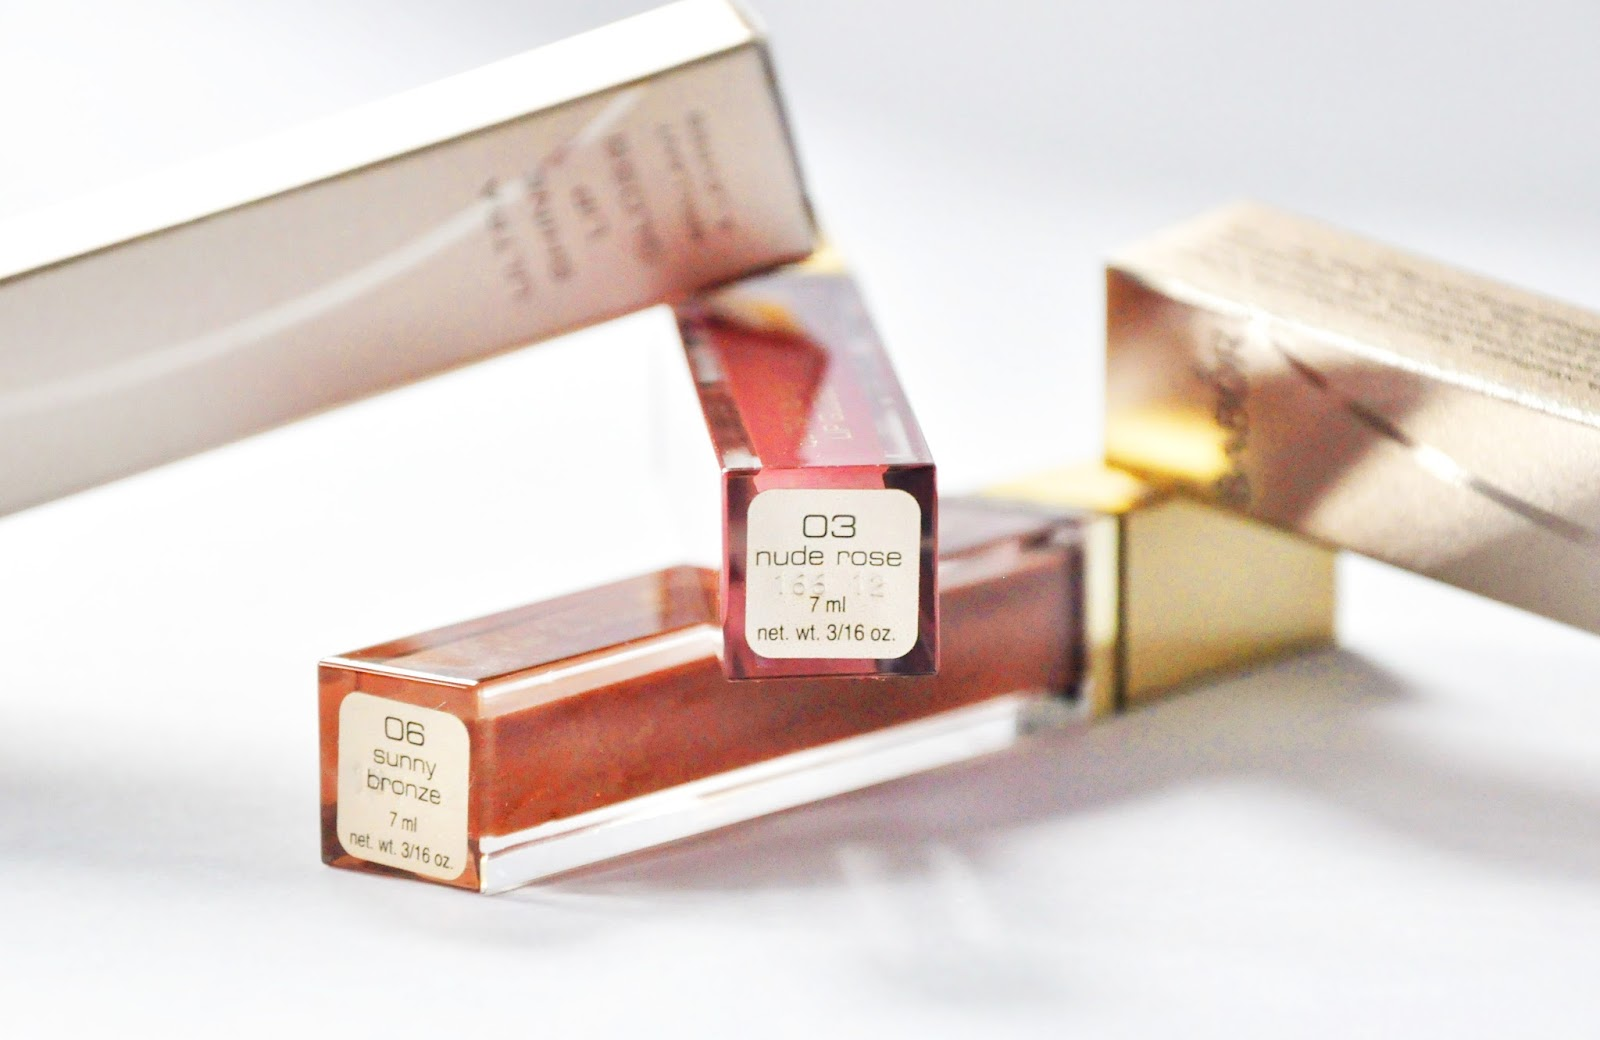 BABOR Ultra Shine Lip Gloss #03 Nude Rose #06 Sunny Bronze